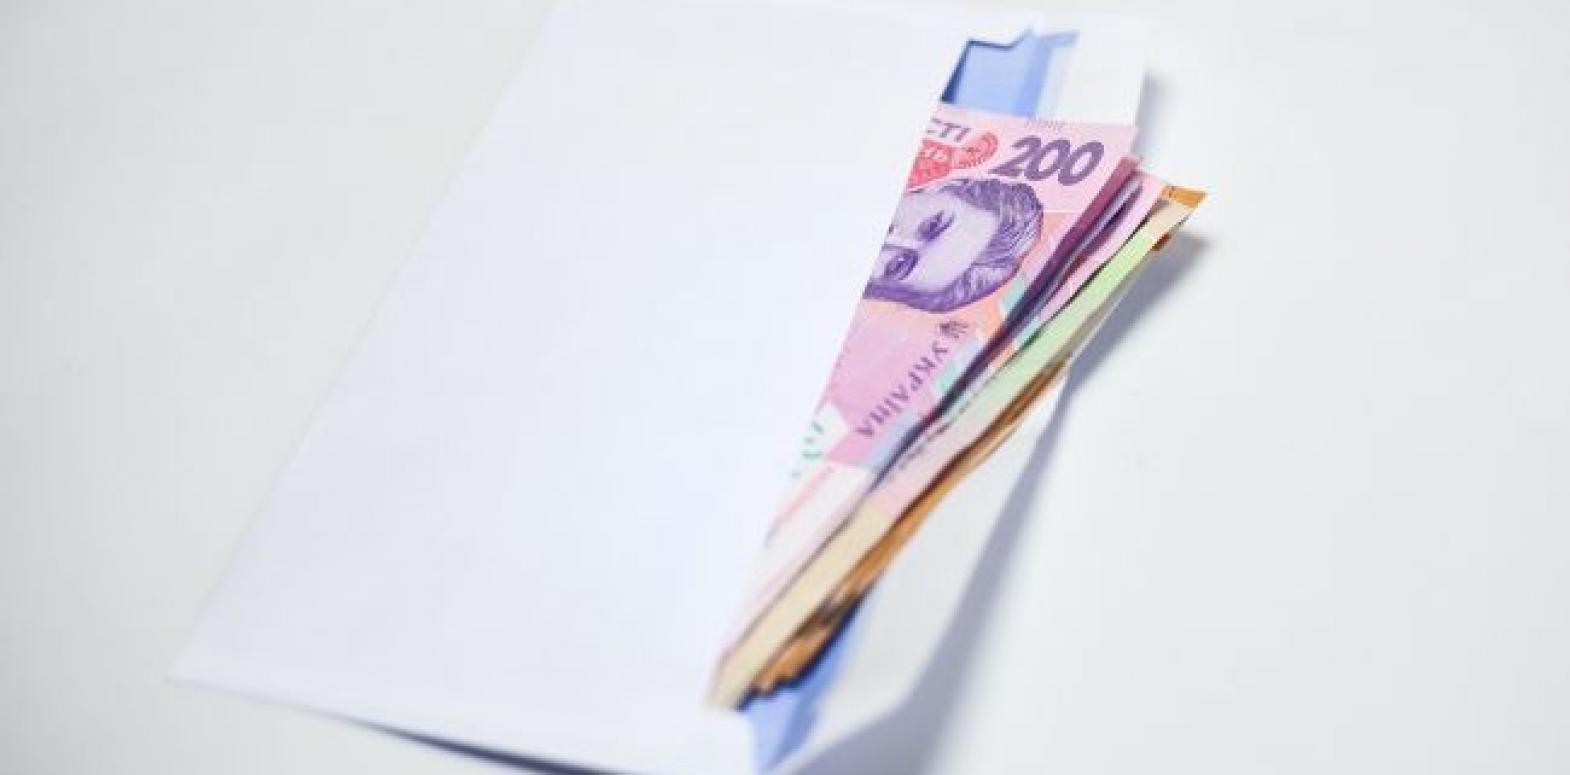 Правительство назвало размер средней зарплаты в 2020 году